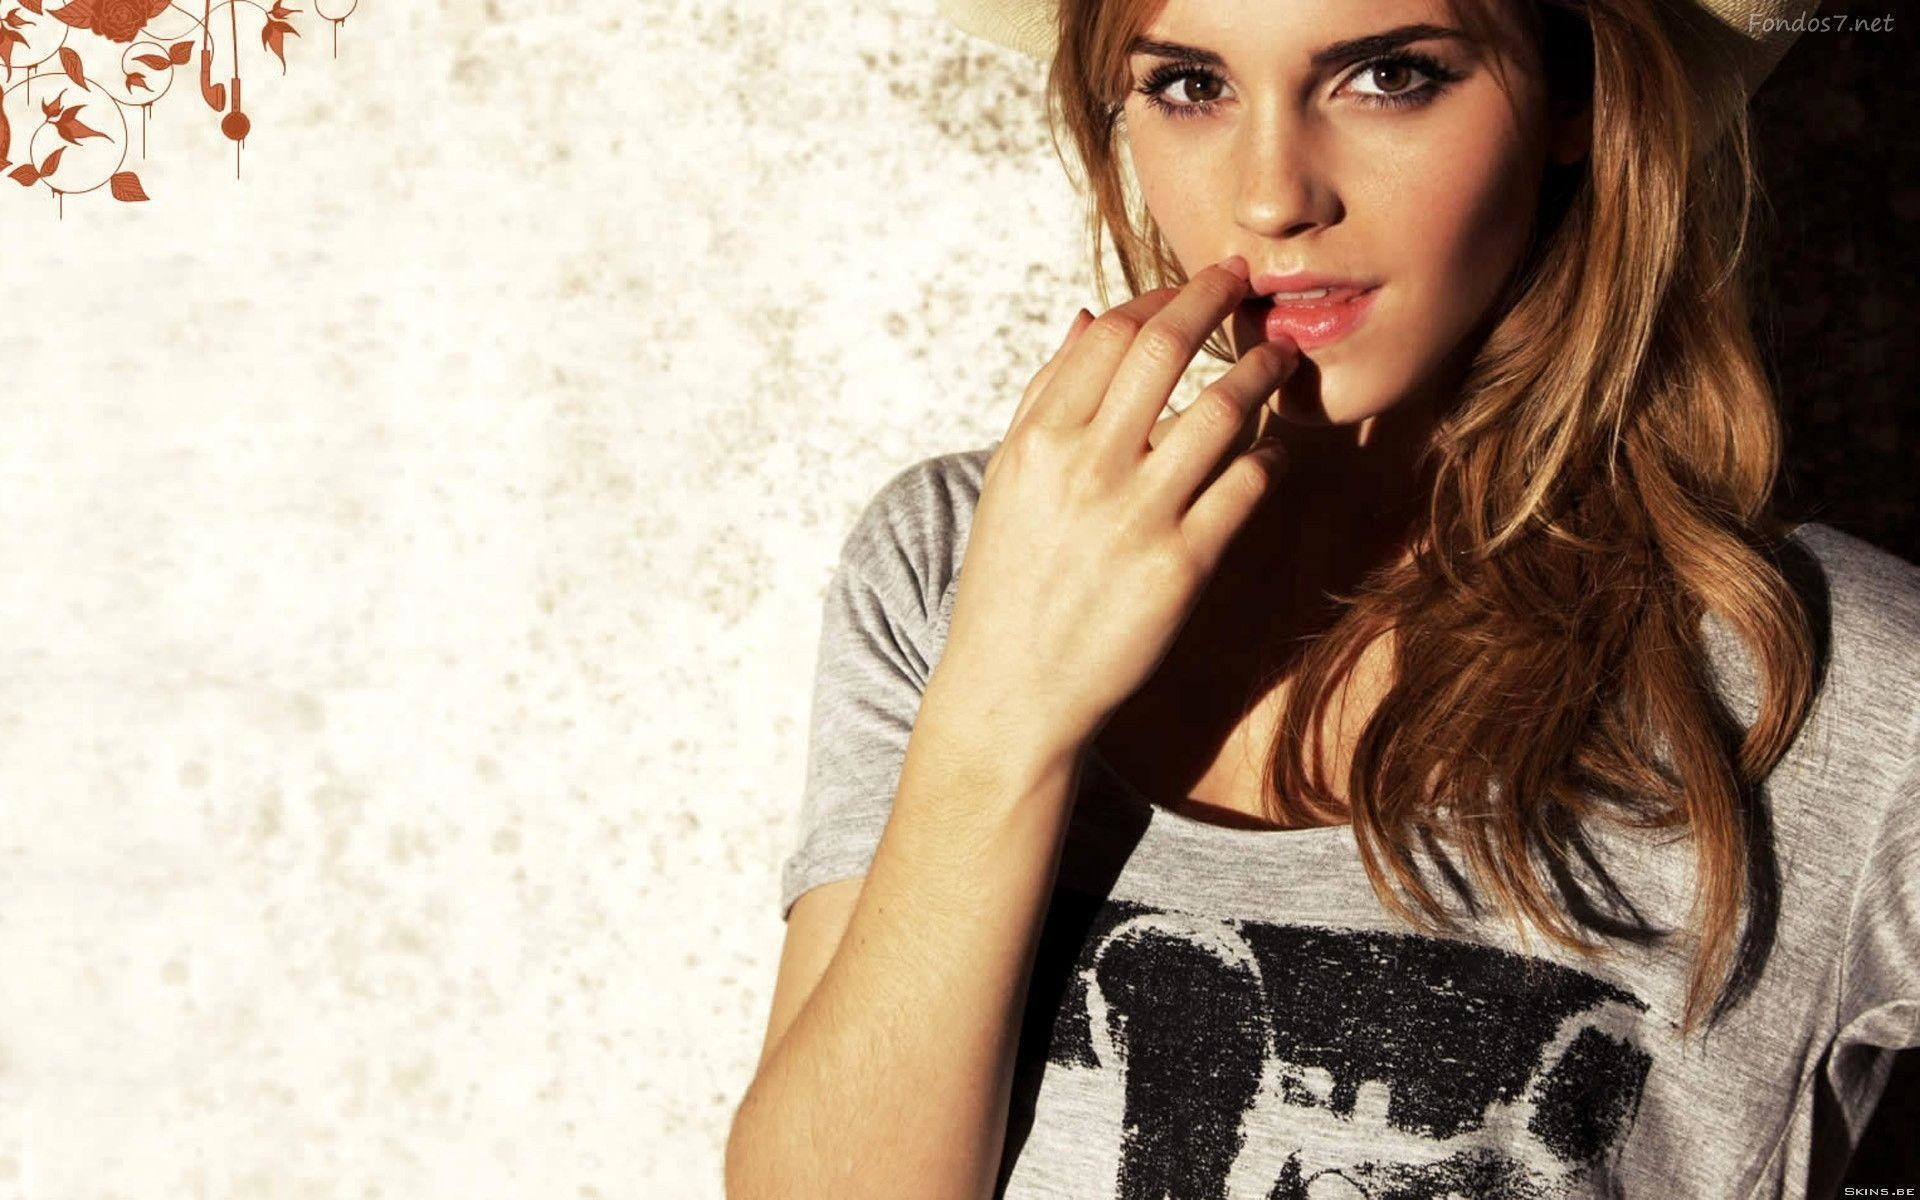 Emma Watson Wallpaper Hd 1920×1080 #1544 Wallpaper   lookwallpapers.